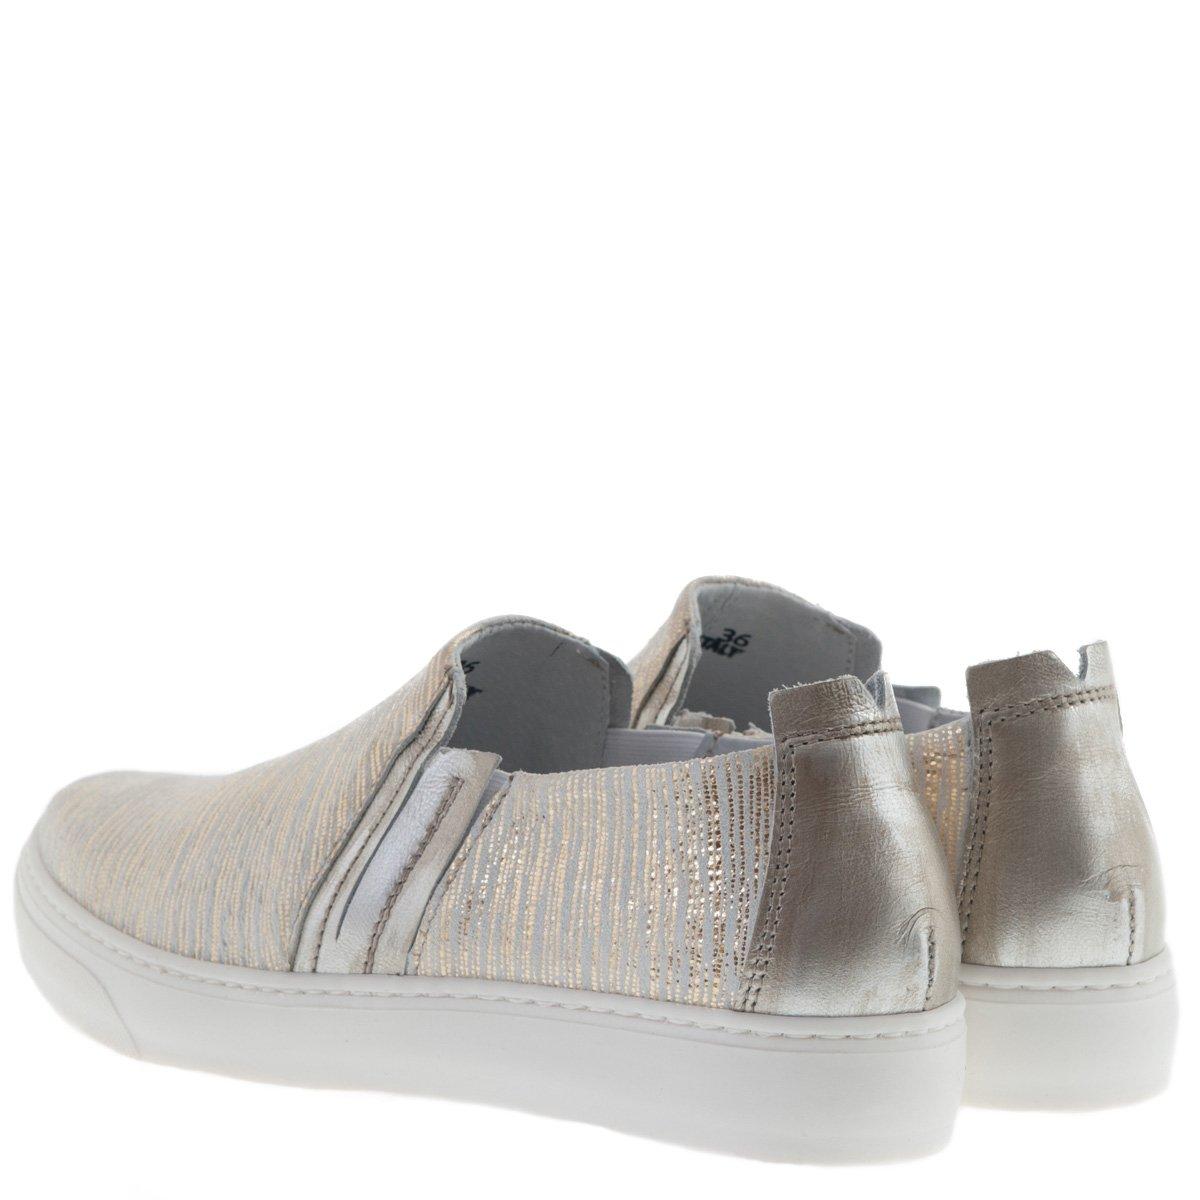 CAFèNOIR Damen Gold Slip-On Sneaker Weiss Gold Damen - 7831dc